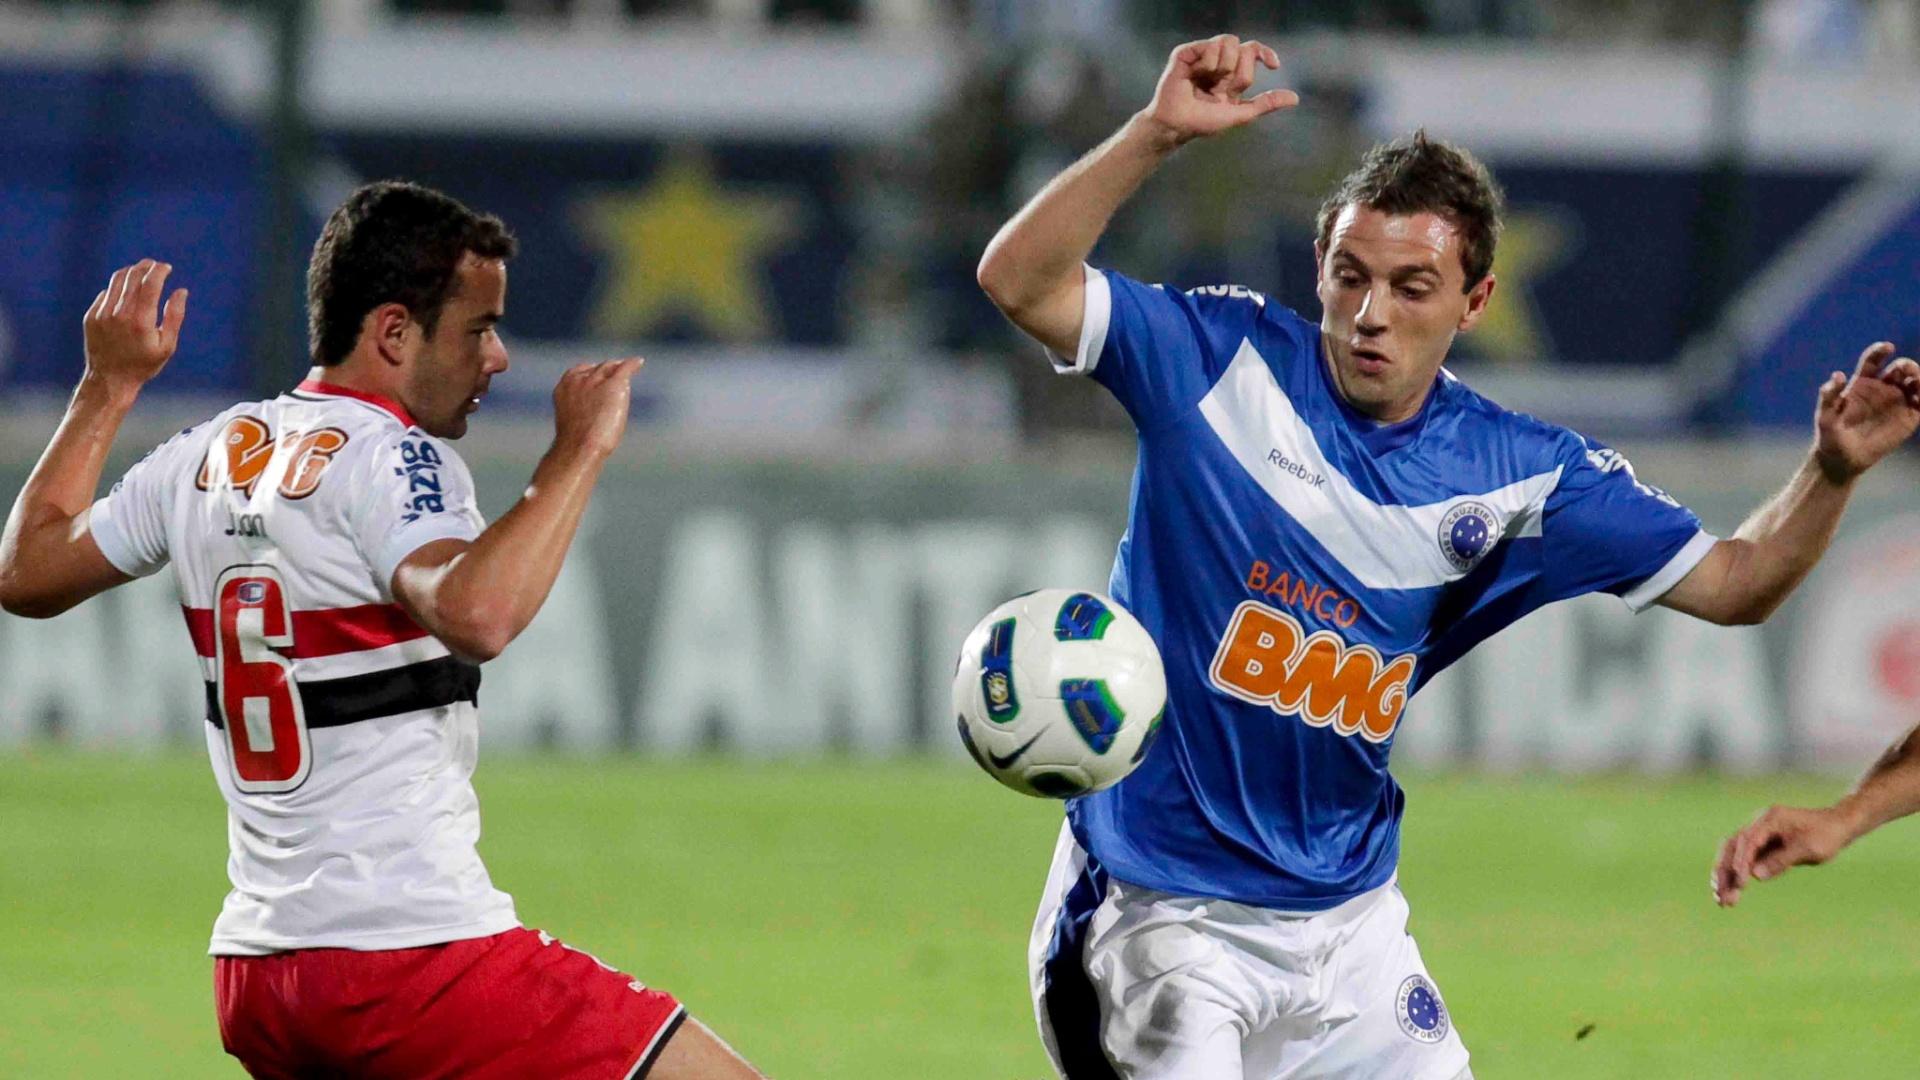 Juan e Montillo disputam a posse de bola no empate por 3 a 3 entre São Paulo e Cruzeiro